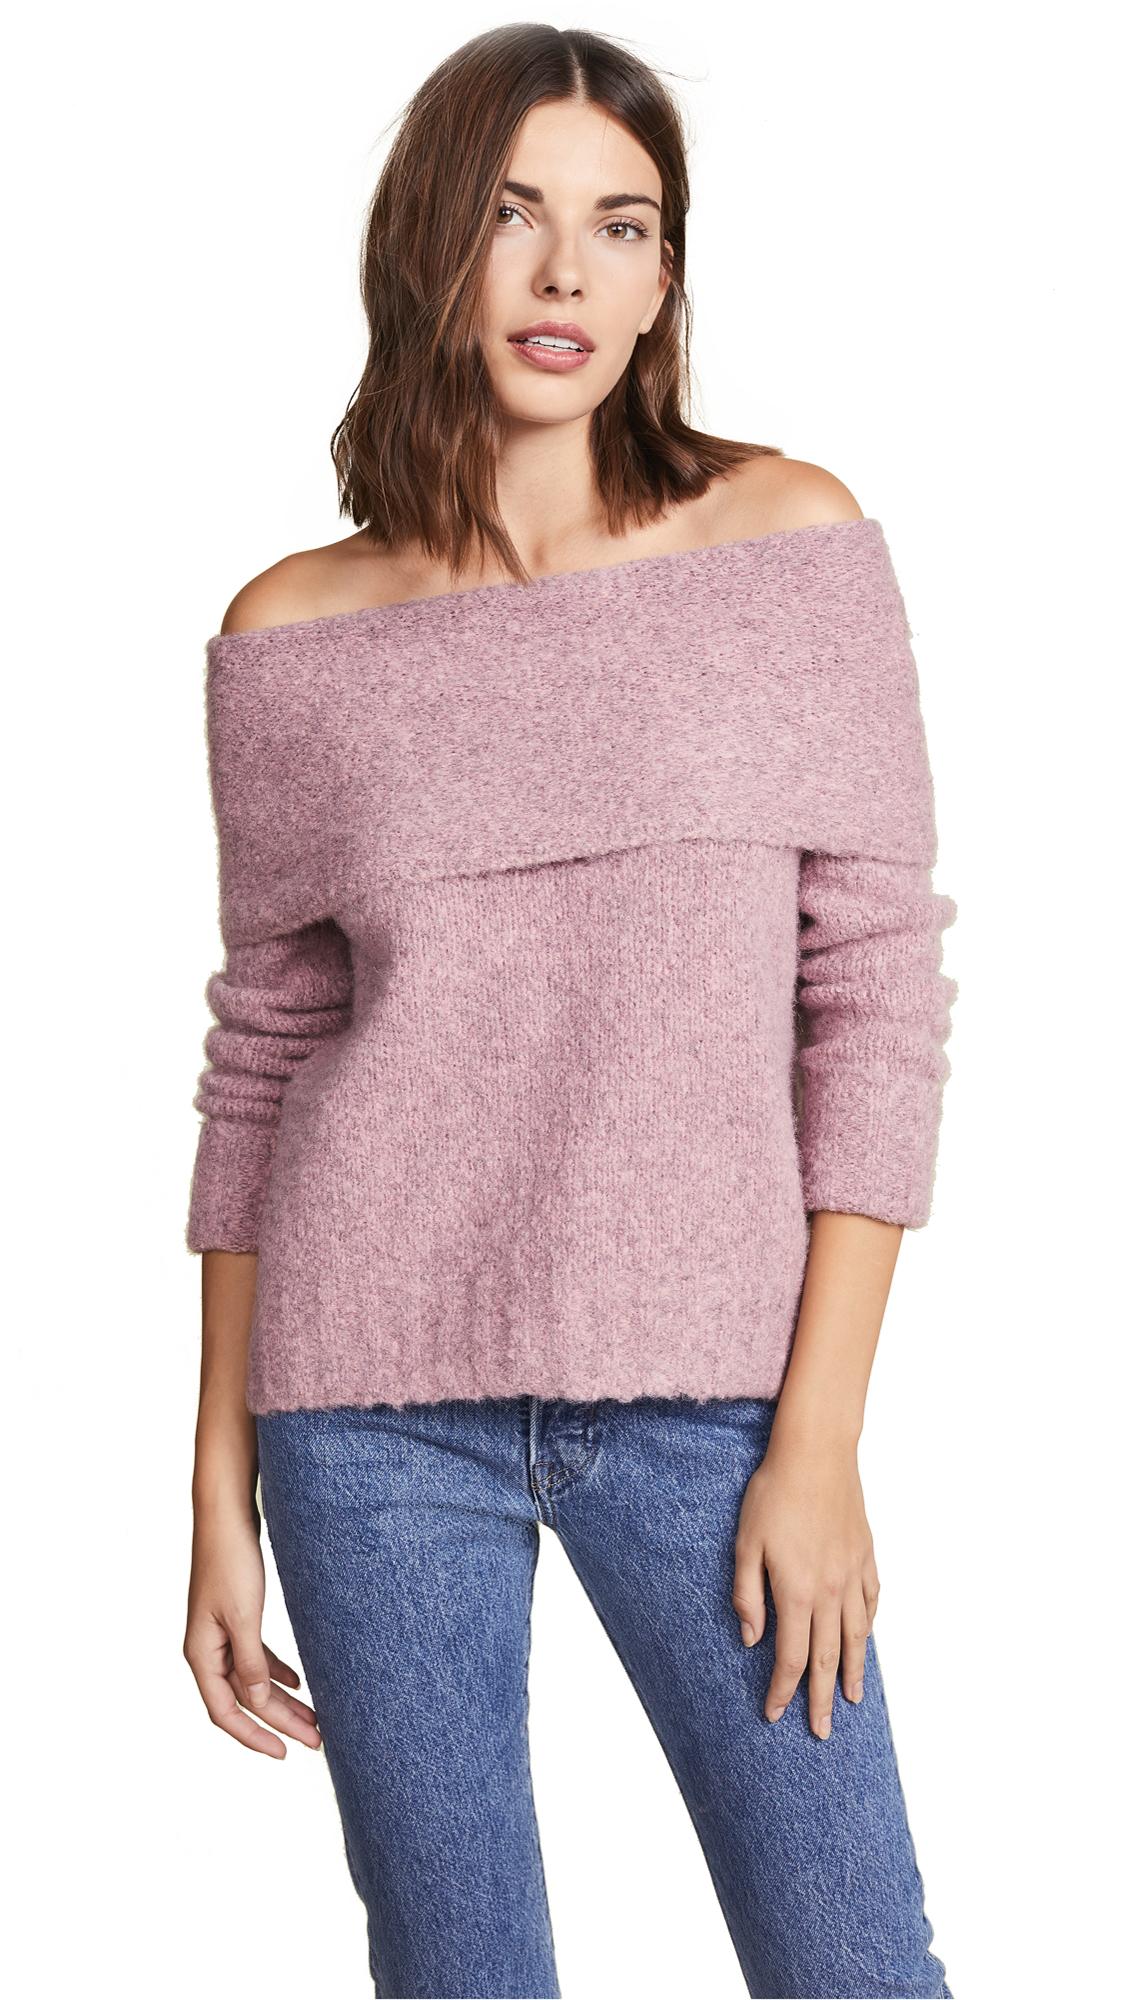 Vince Off Shoulder Pullover Sweater - Soft Pink